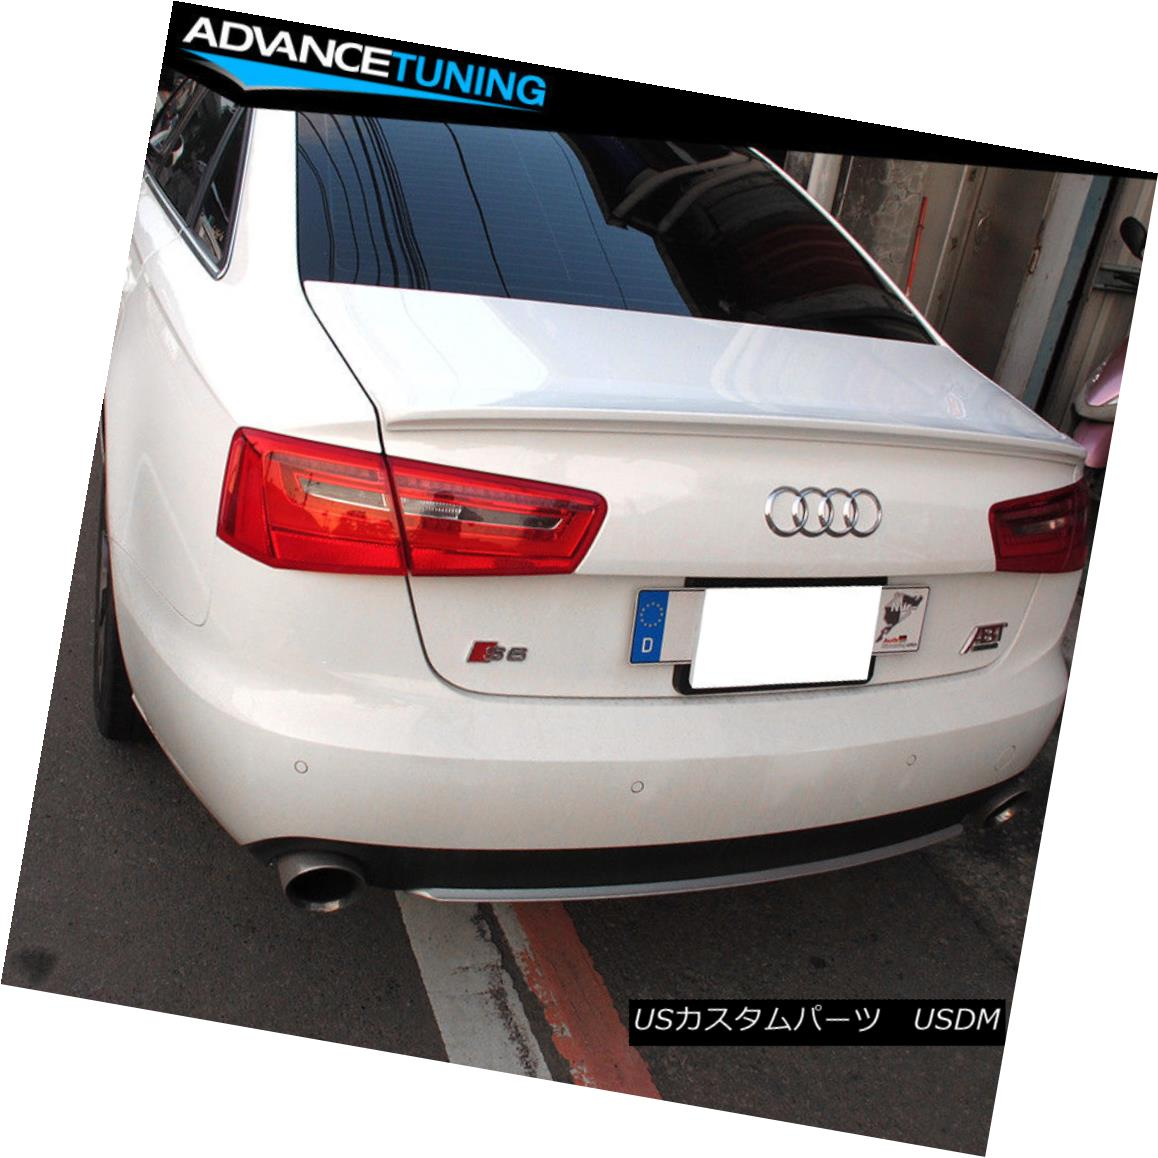 エアロパーツ Fits 12-14 Audi A6 C7 D Style Trunk Spoiler OEM Painted Color #LY9C Ibis White フィット12-14アウディA6 C7 Dスタイルのトランク・スポイラーOEM塗装カラー#LY9Cアイビスホワイト